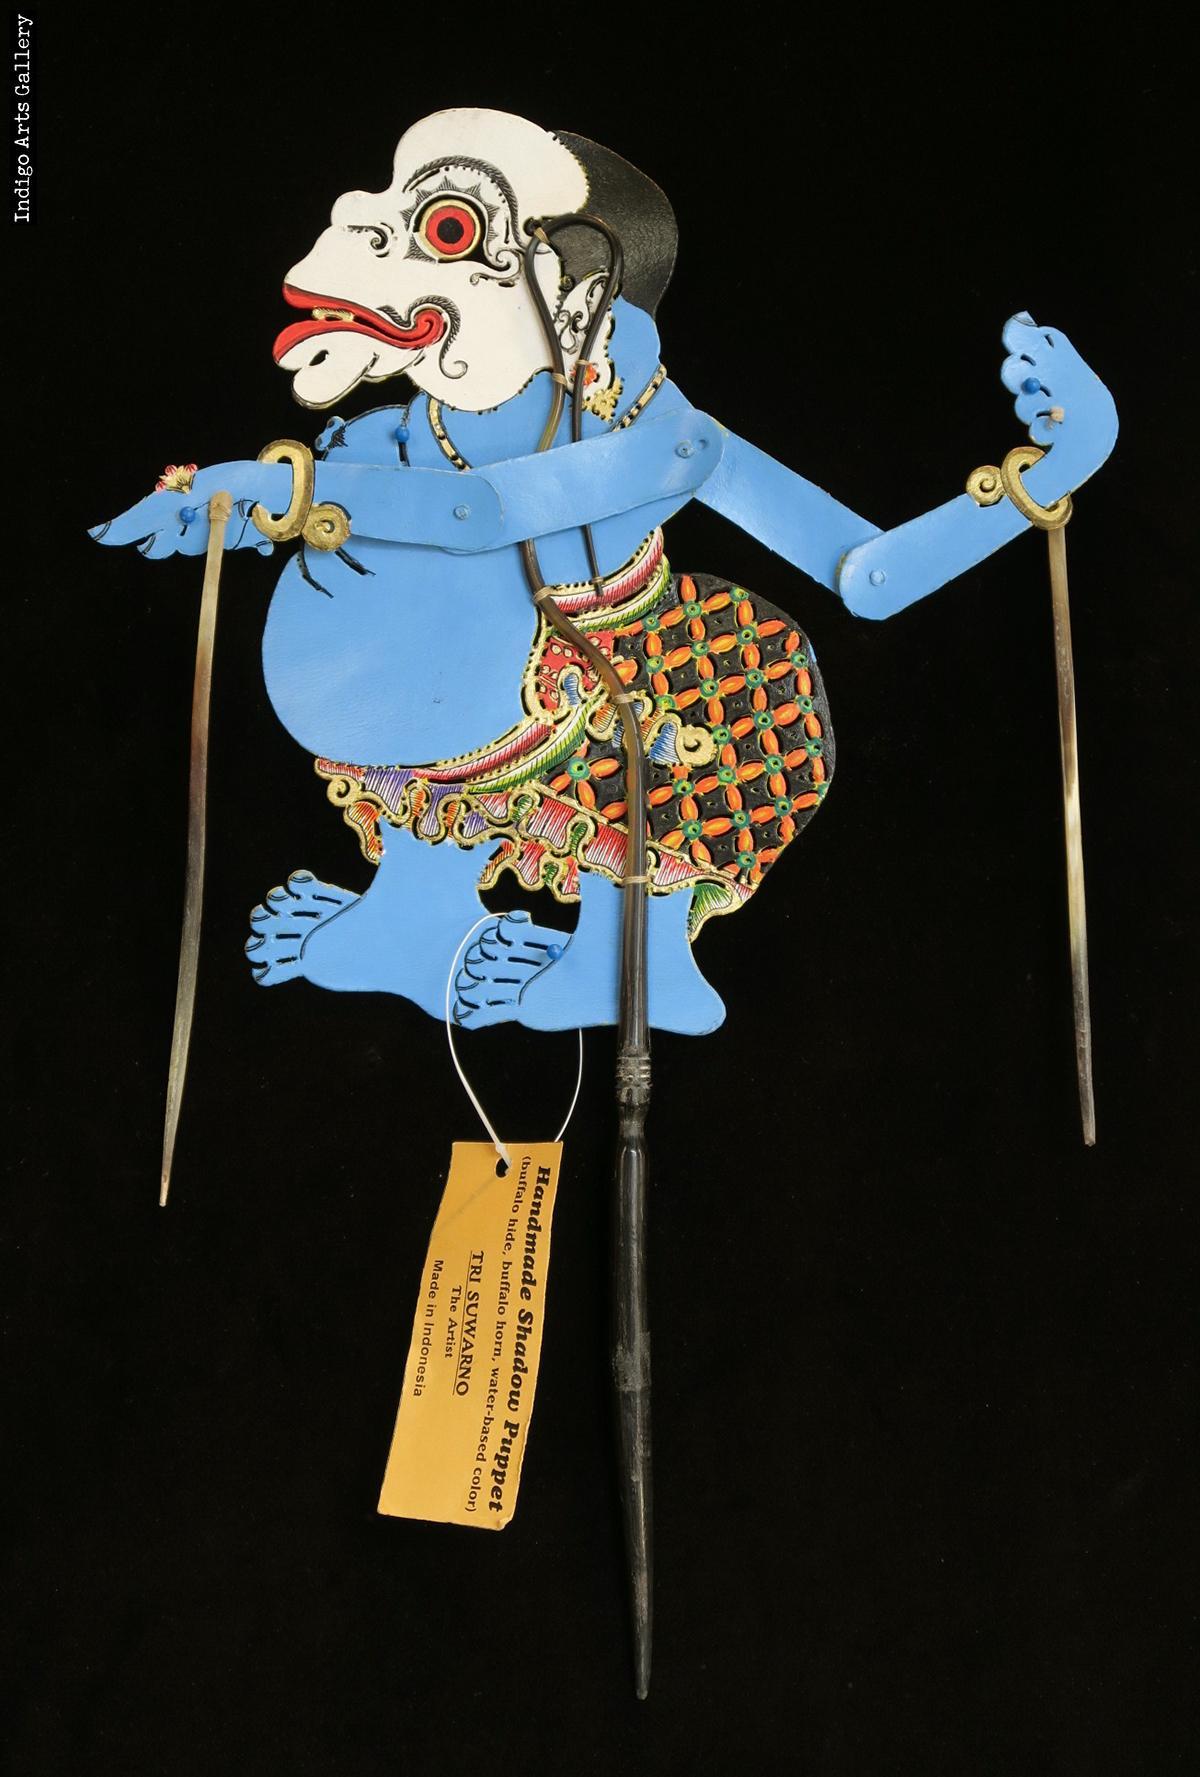 Bagong Clown Relax Man Wayang Kulit Javanese Shadow Puppet By Tri Suwarno Indigo Arts